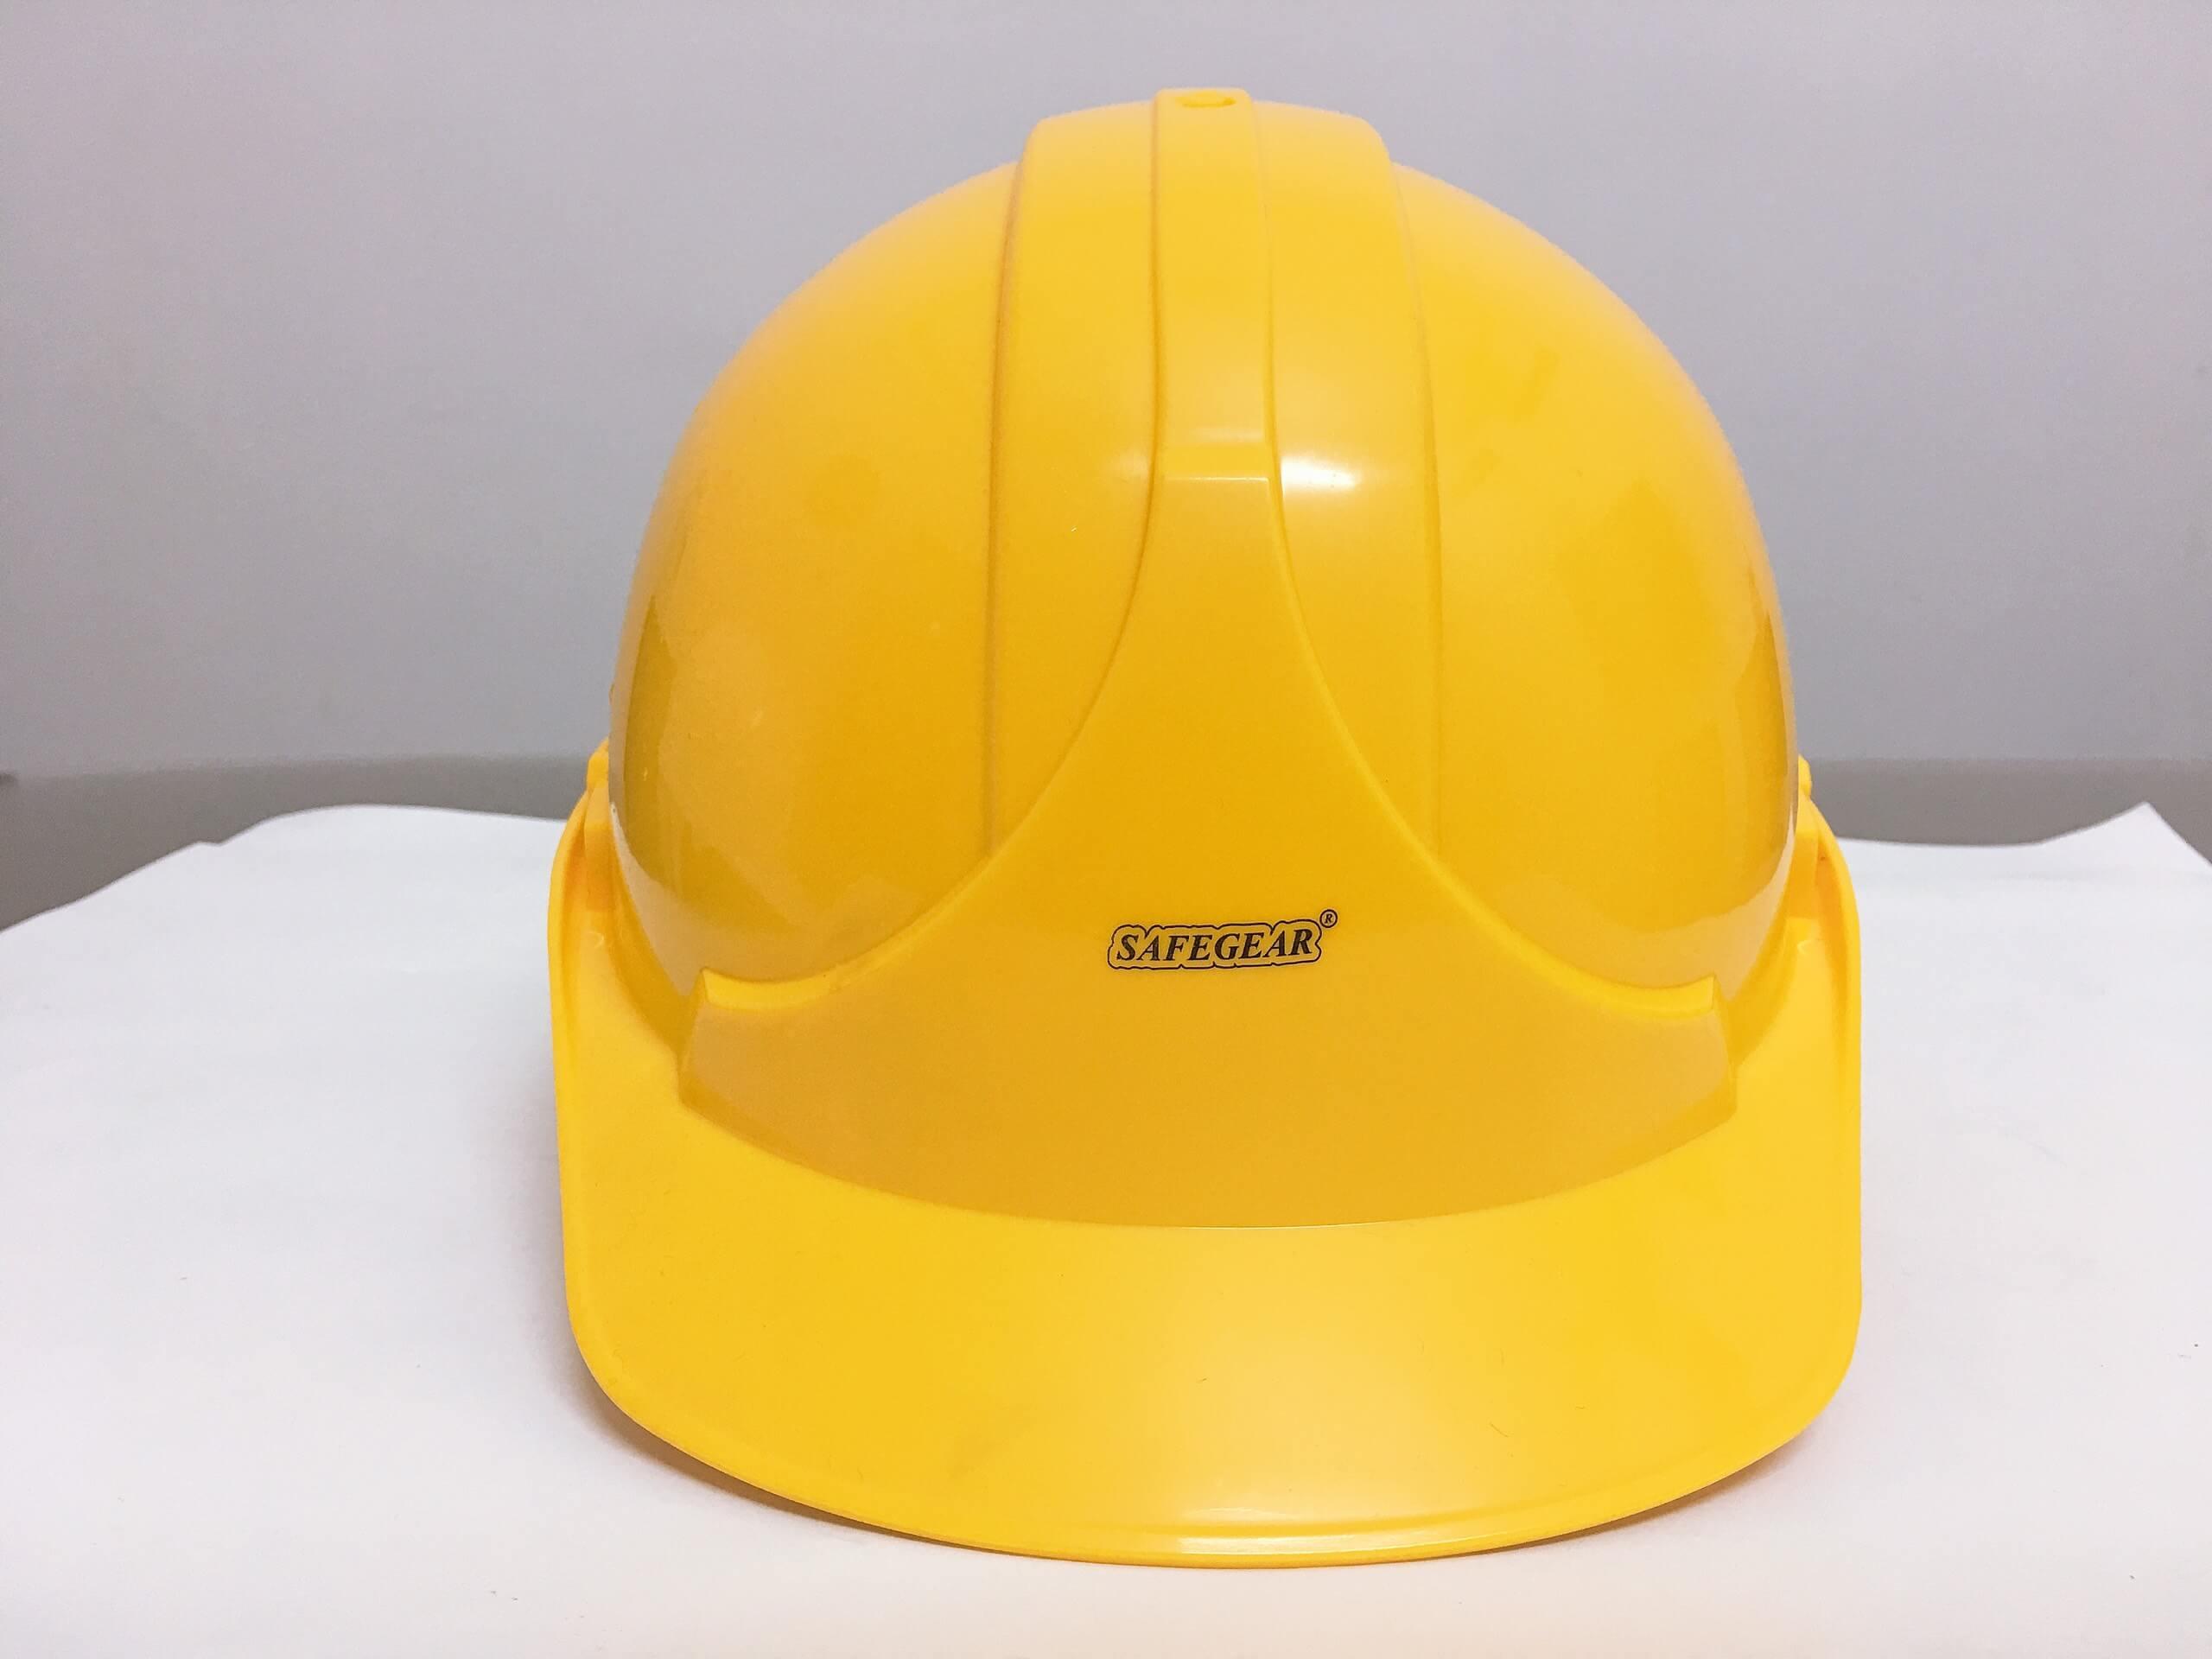 Mũ bảo hộ lao động Safegear vàng Đài Loan